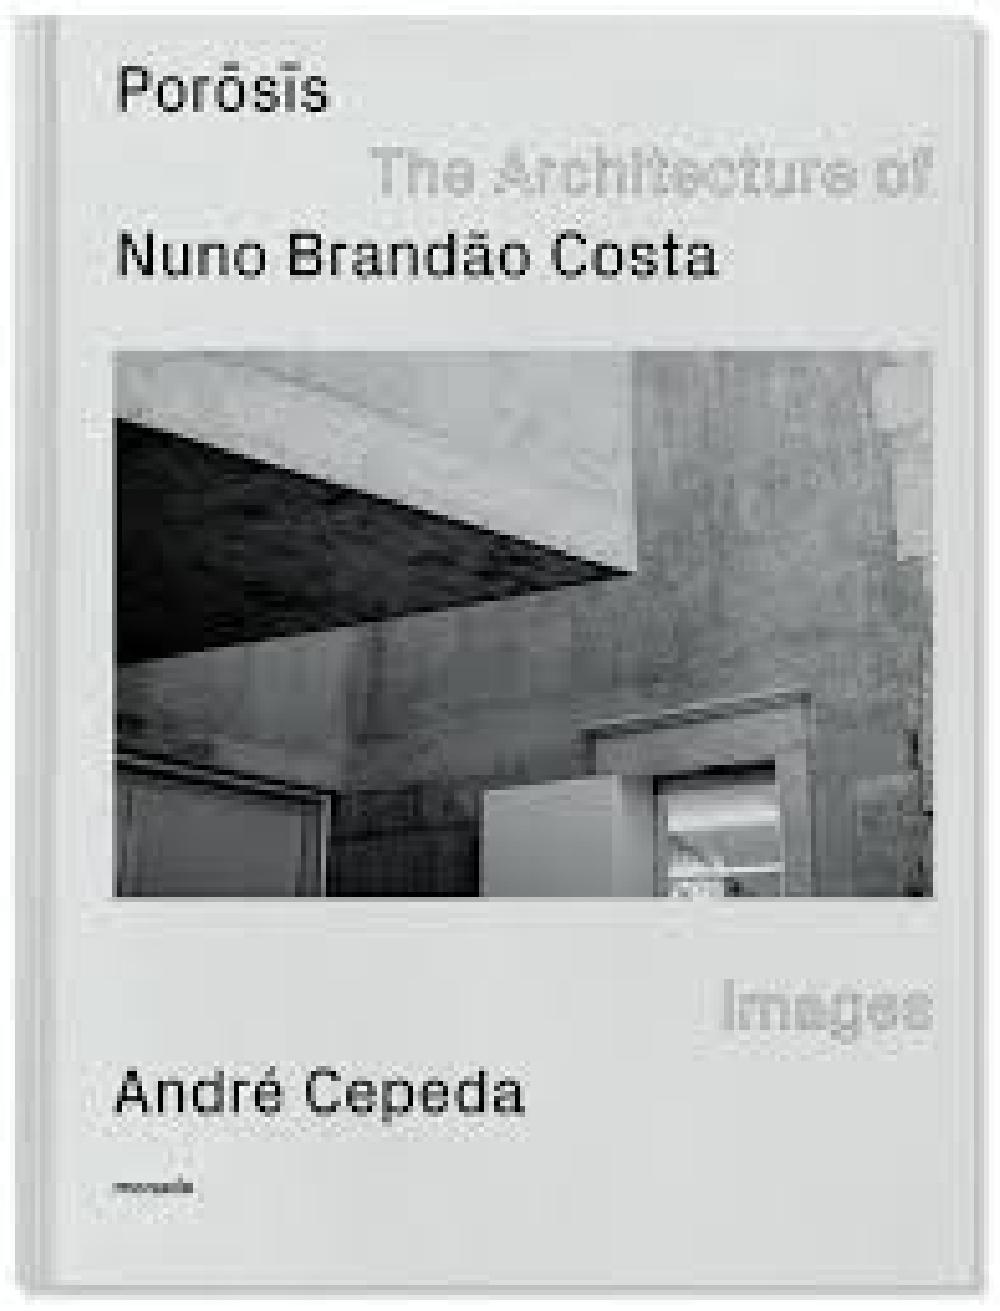 POROSIS The Architecture of Nuno Brandão Costa